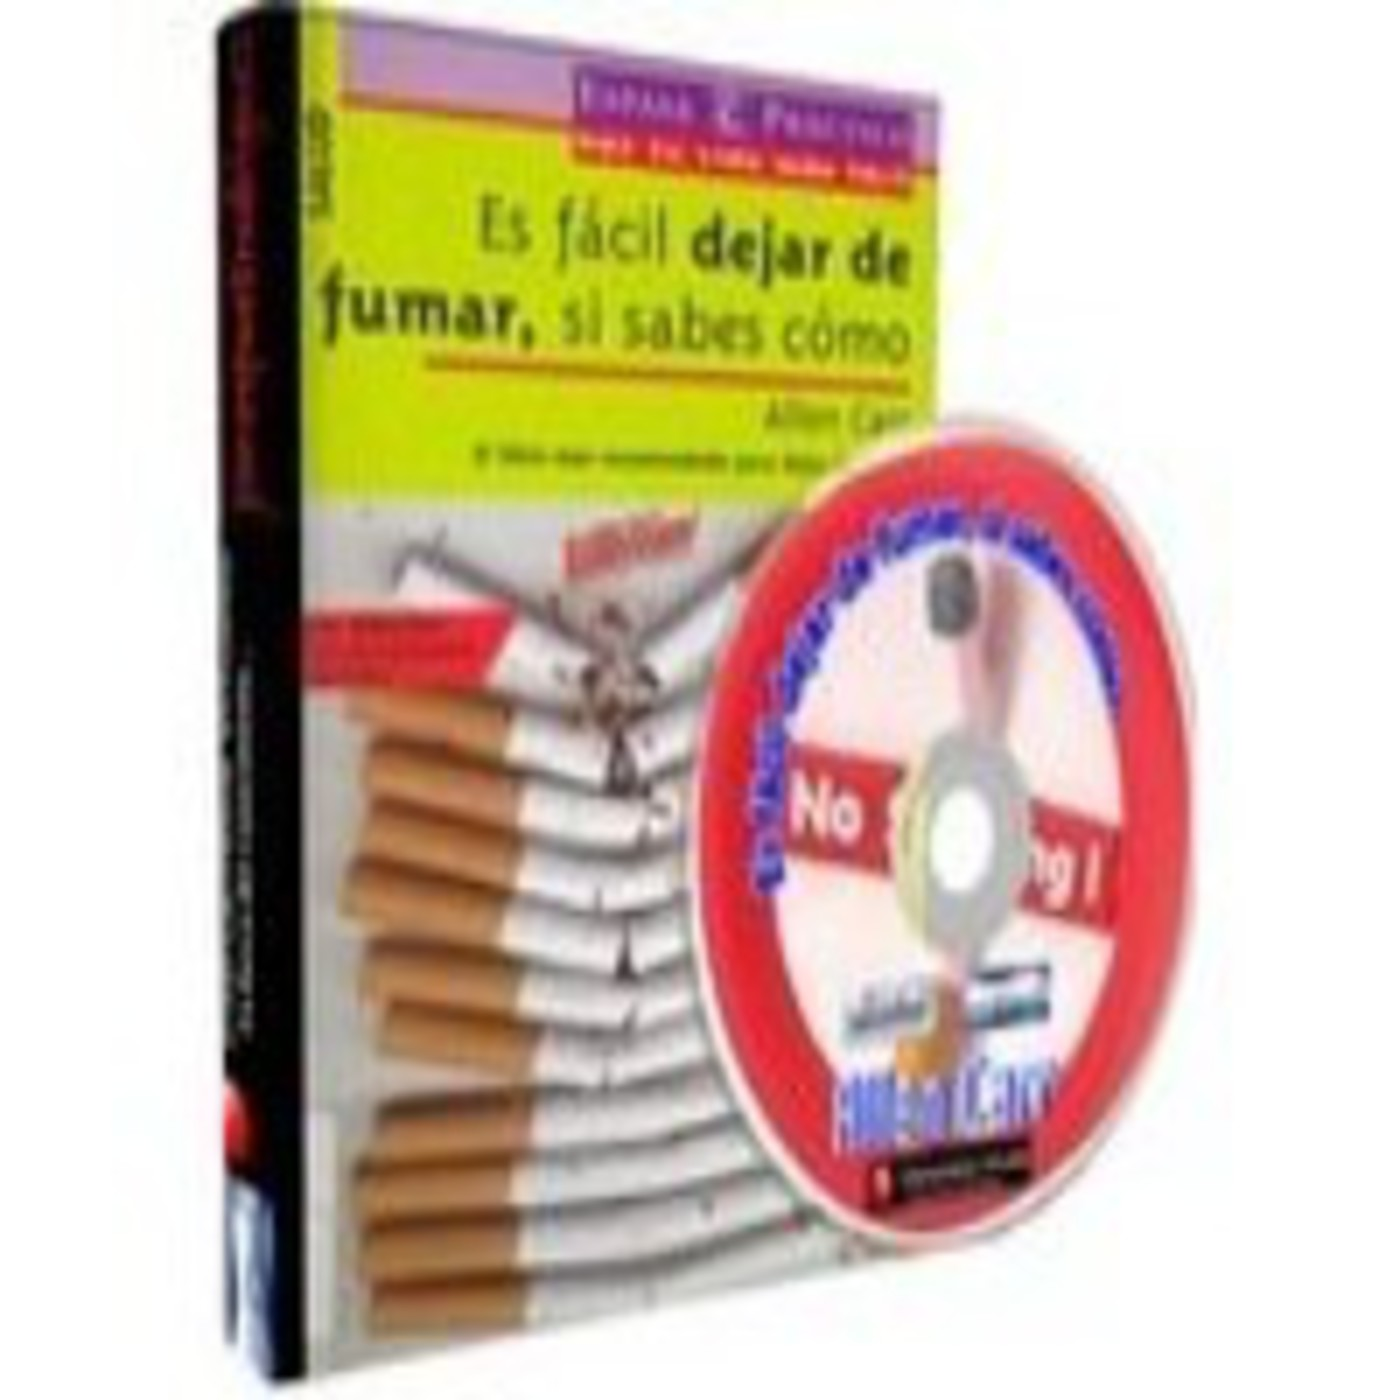 El ahoguío a que ha dejado fumar